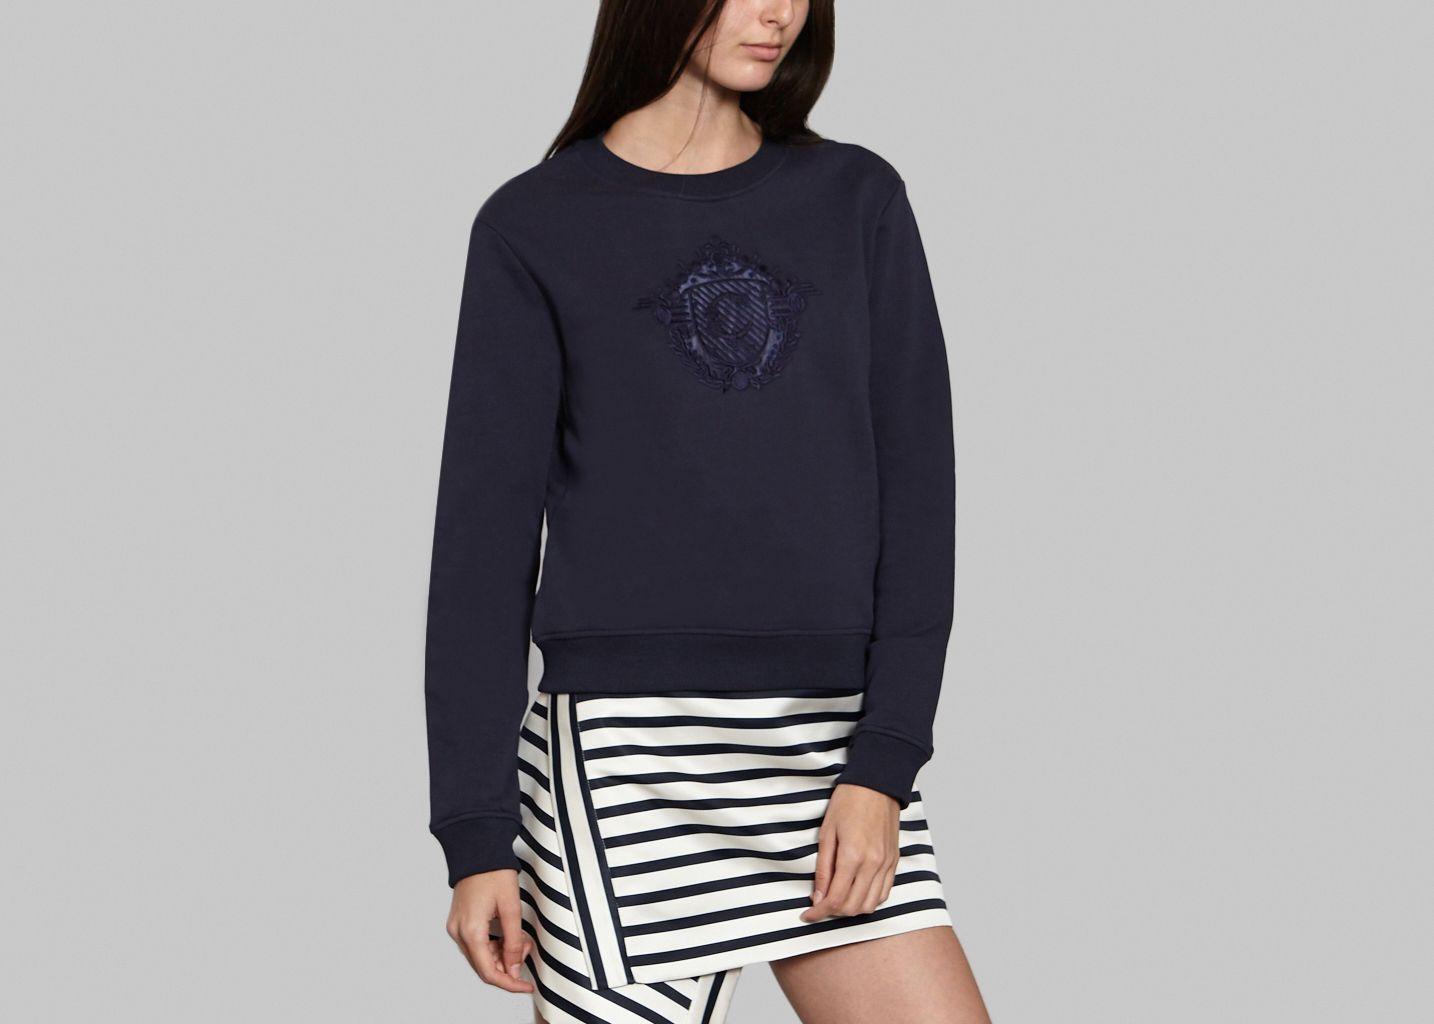 Sweatshirt Blason - Carven